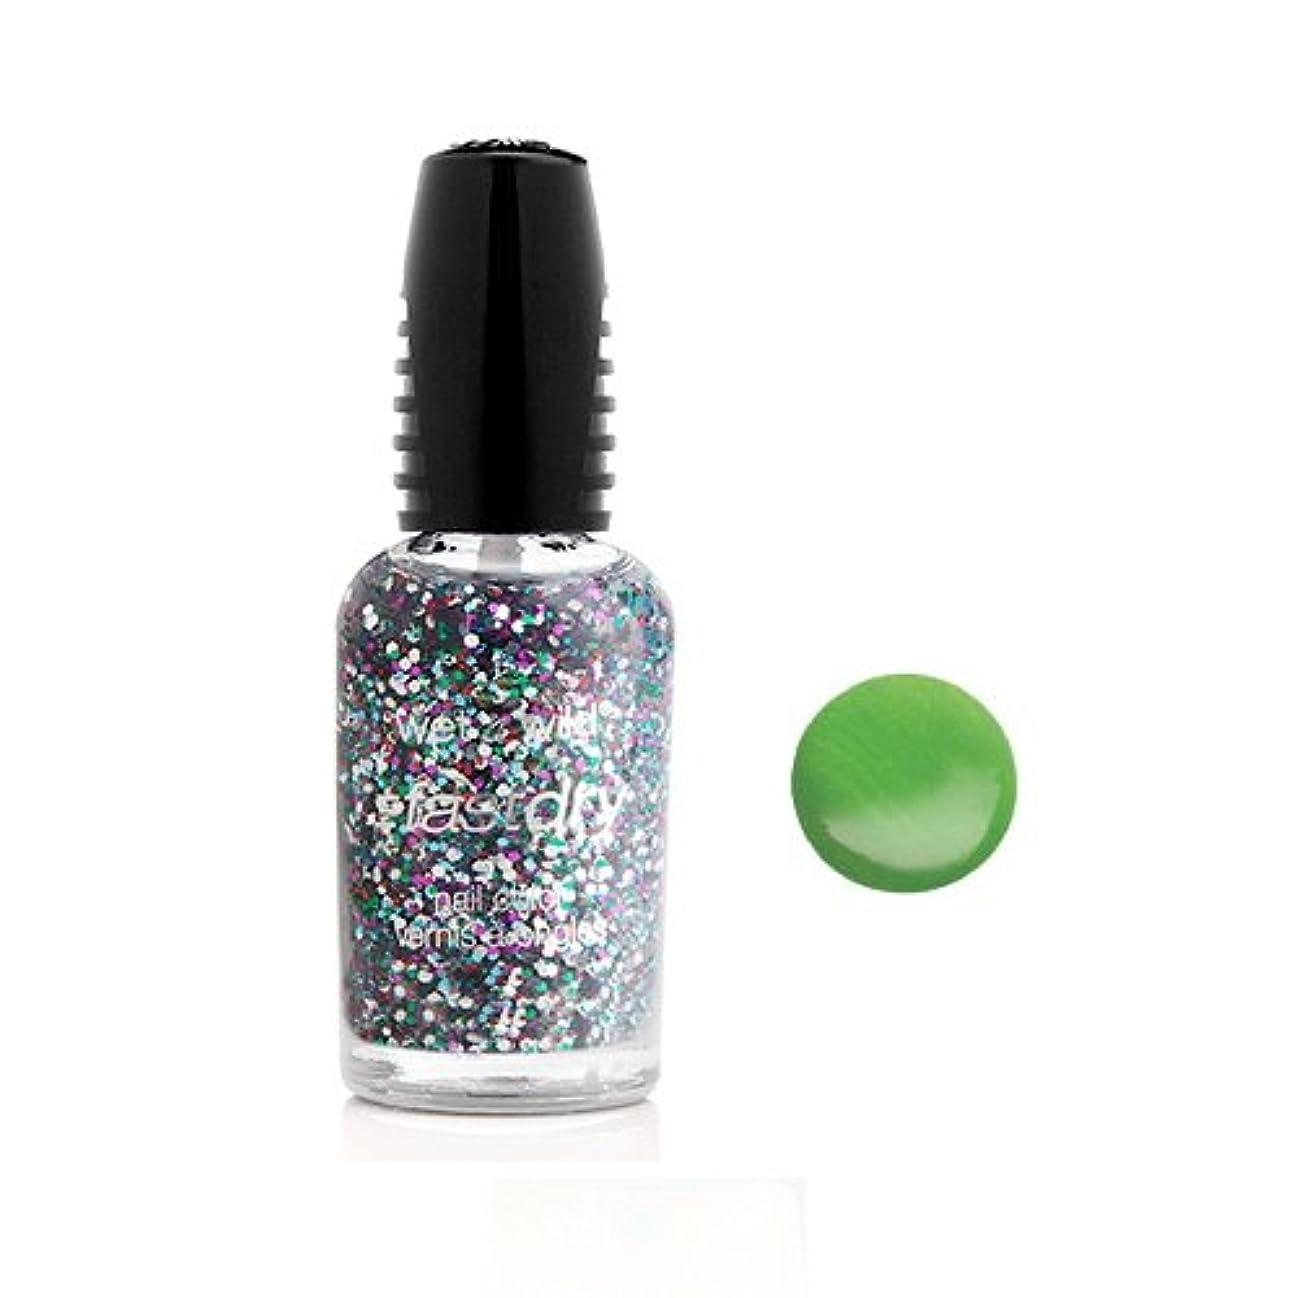 ぬるいクラッチ取るに足らない(3 Pack) WET N WILD Fastdry Nail Color - Sage in the City (DC) (並行輸入品)